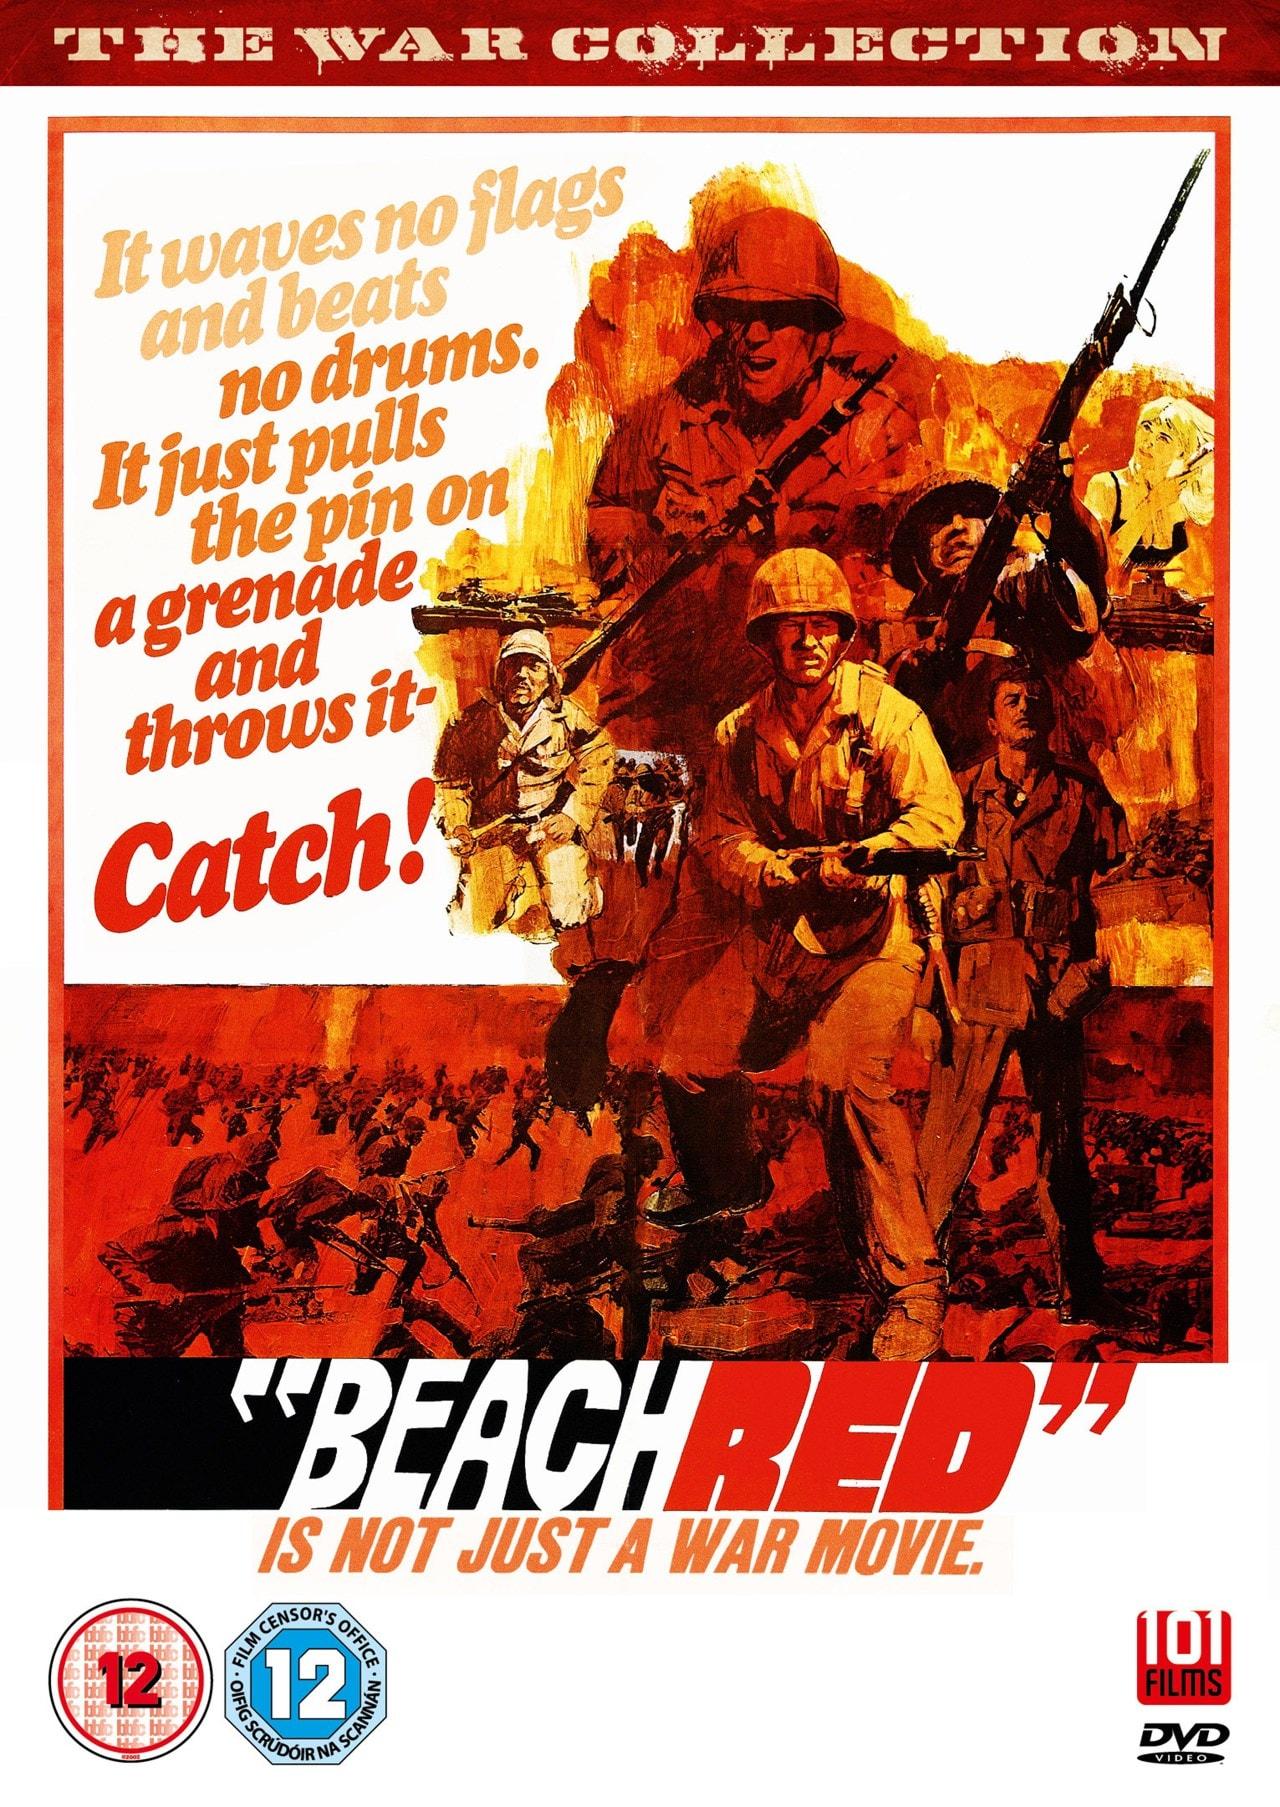 Beach Red - 1